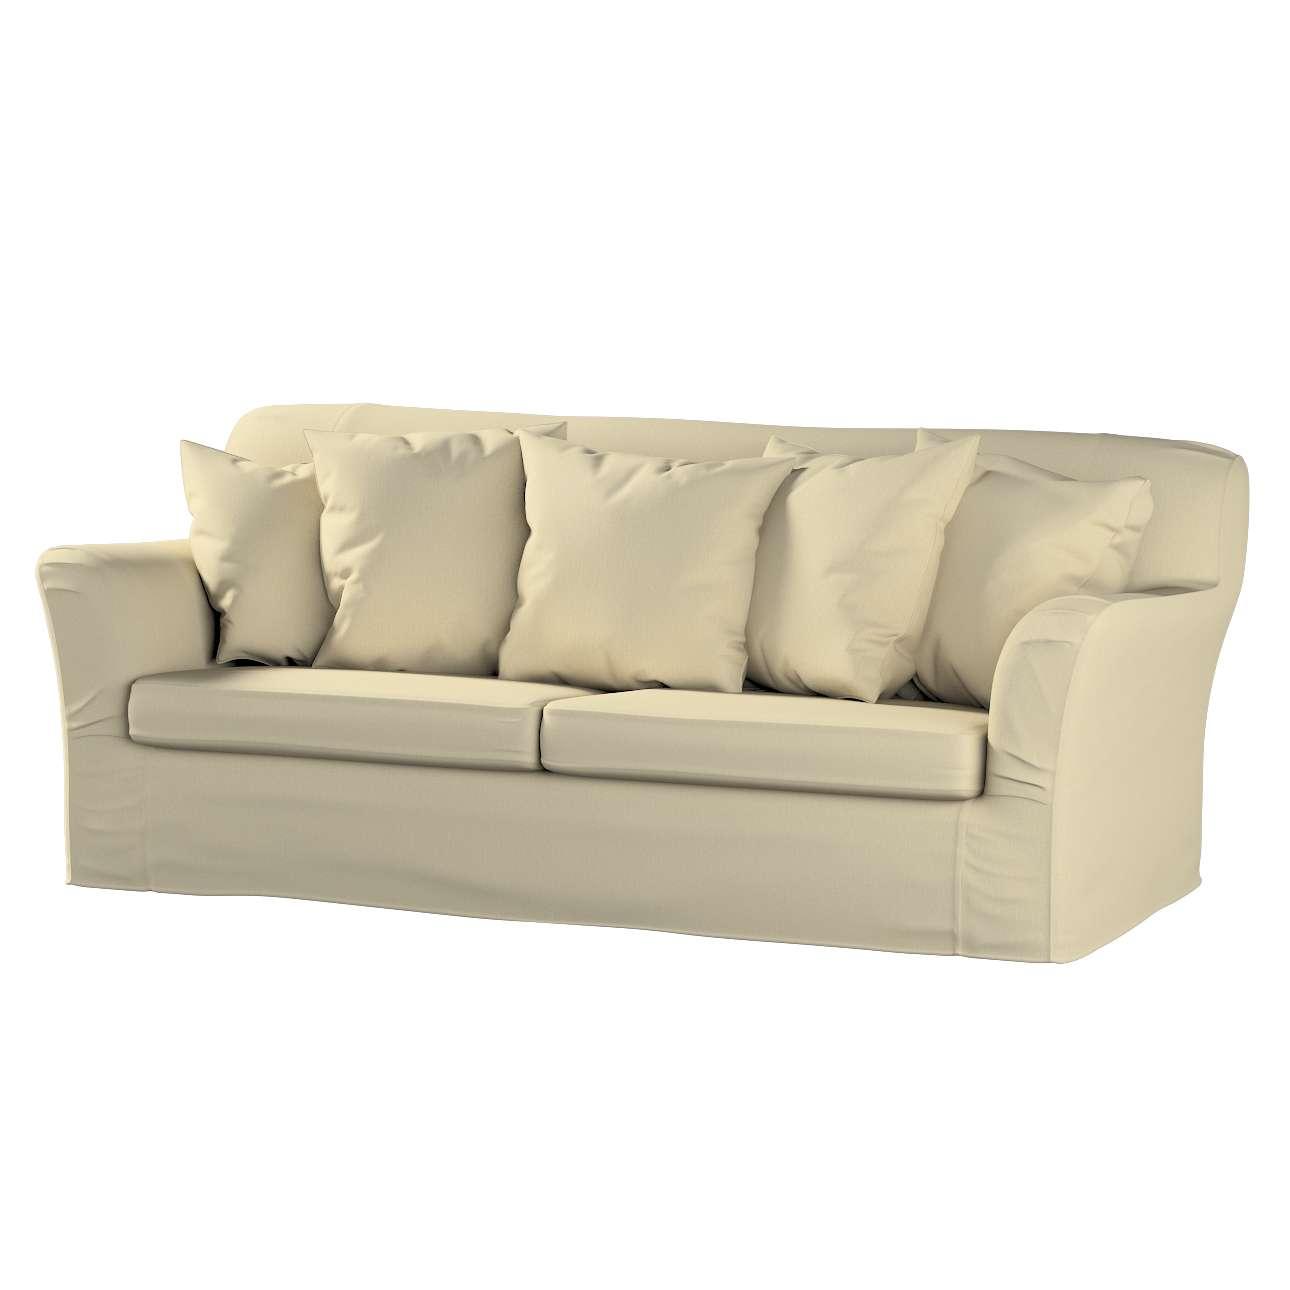 Pokrowiec na sofę Tomelilla rozkładaną Sofa Tomelilla rozkładana w kolekcji Chenille, tkanina: 702-22